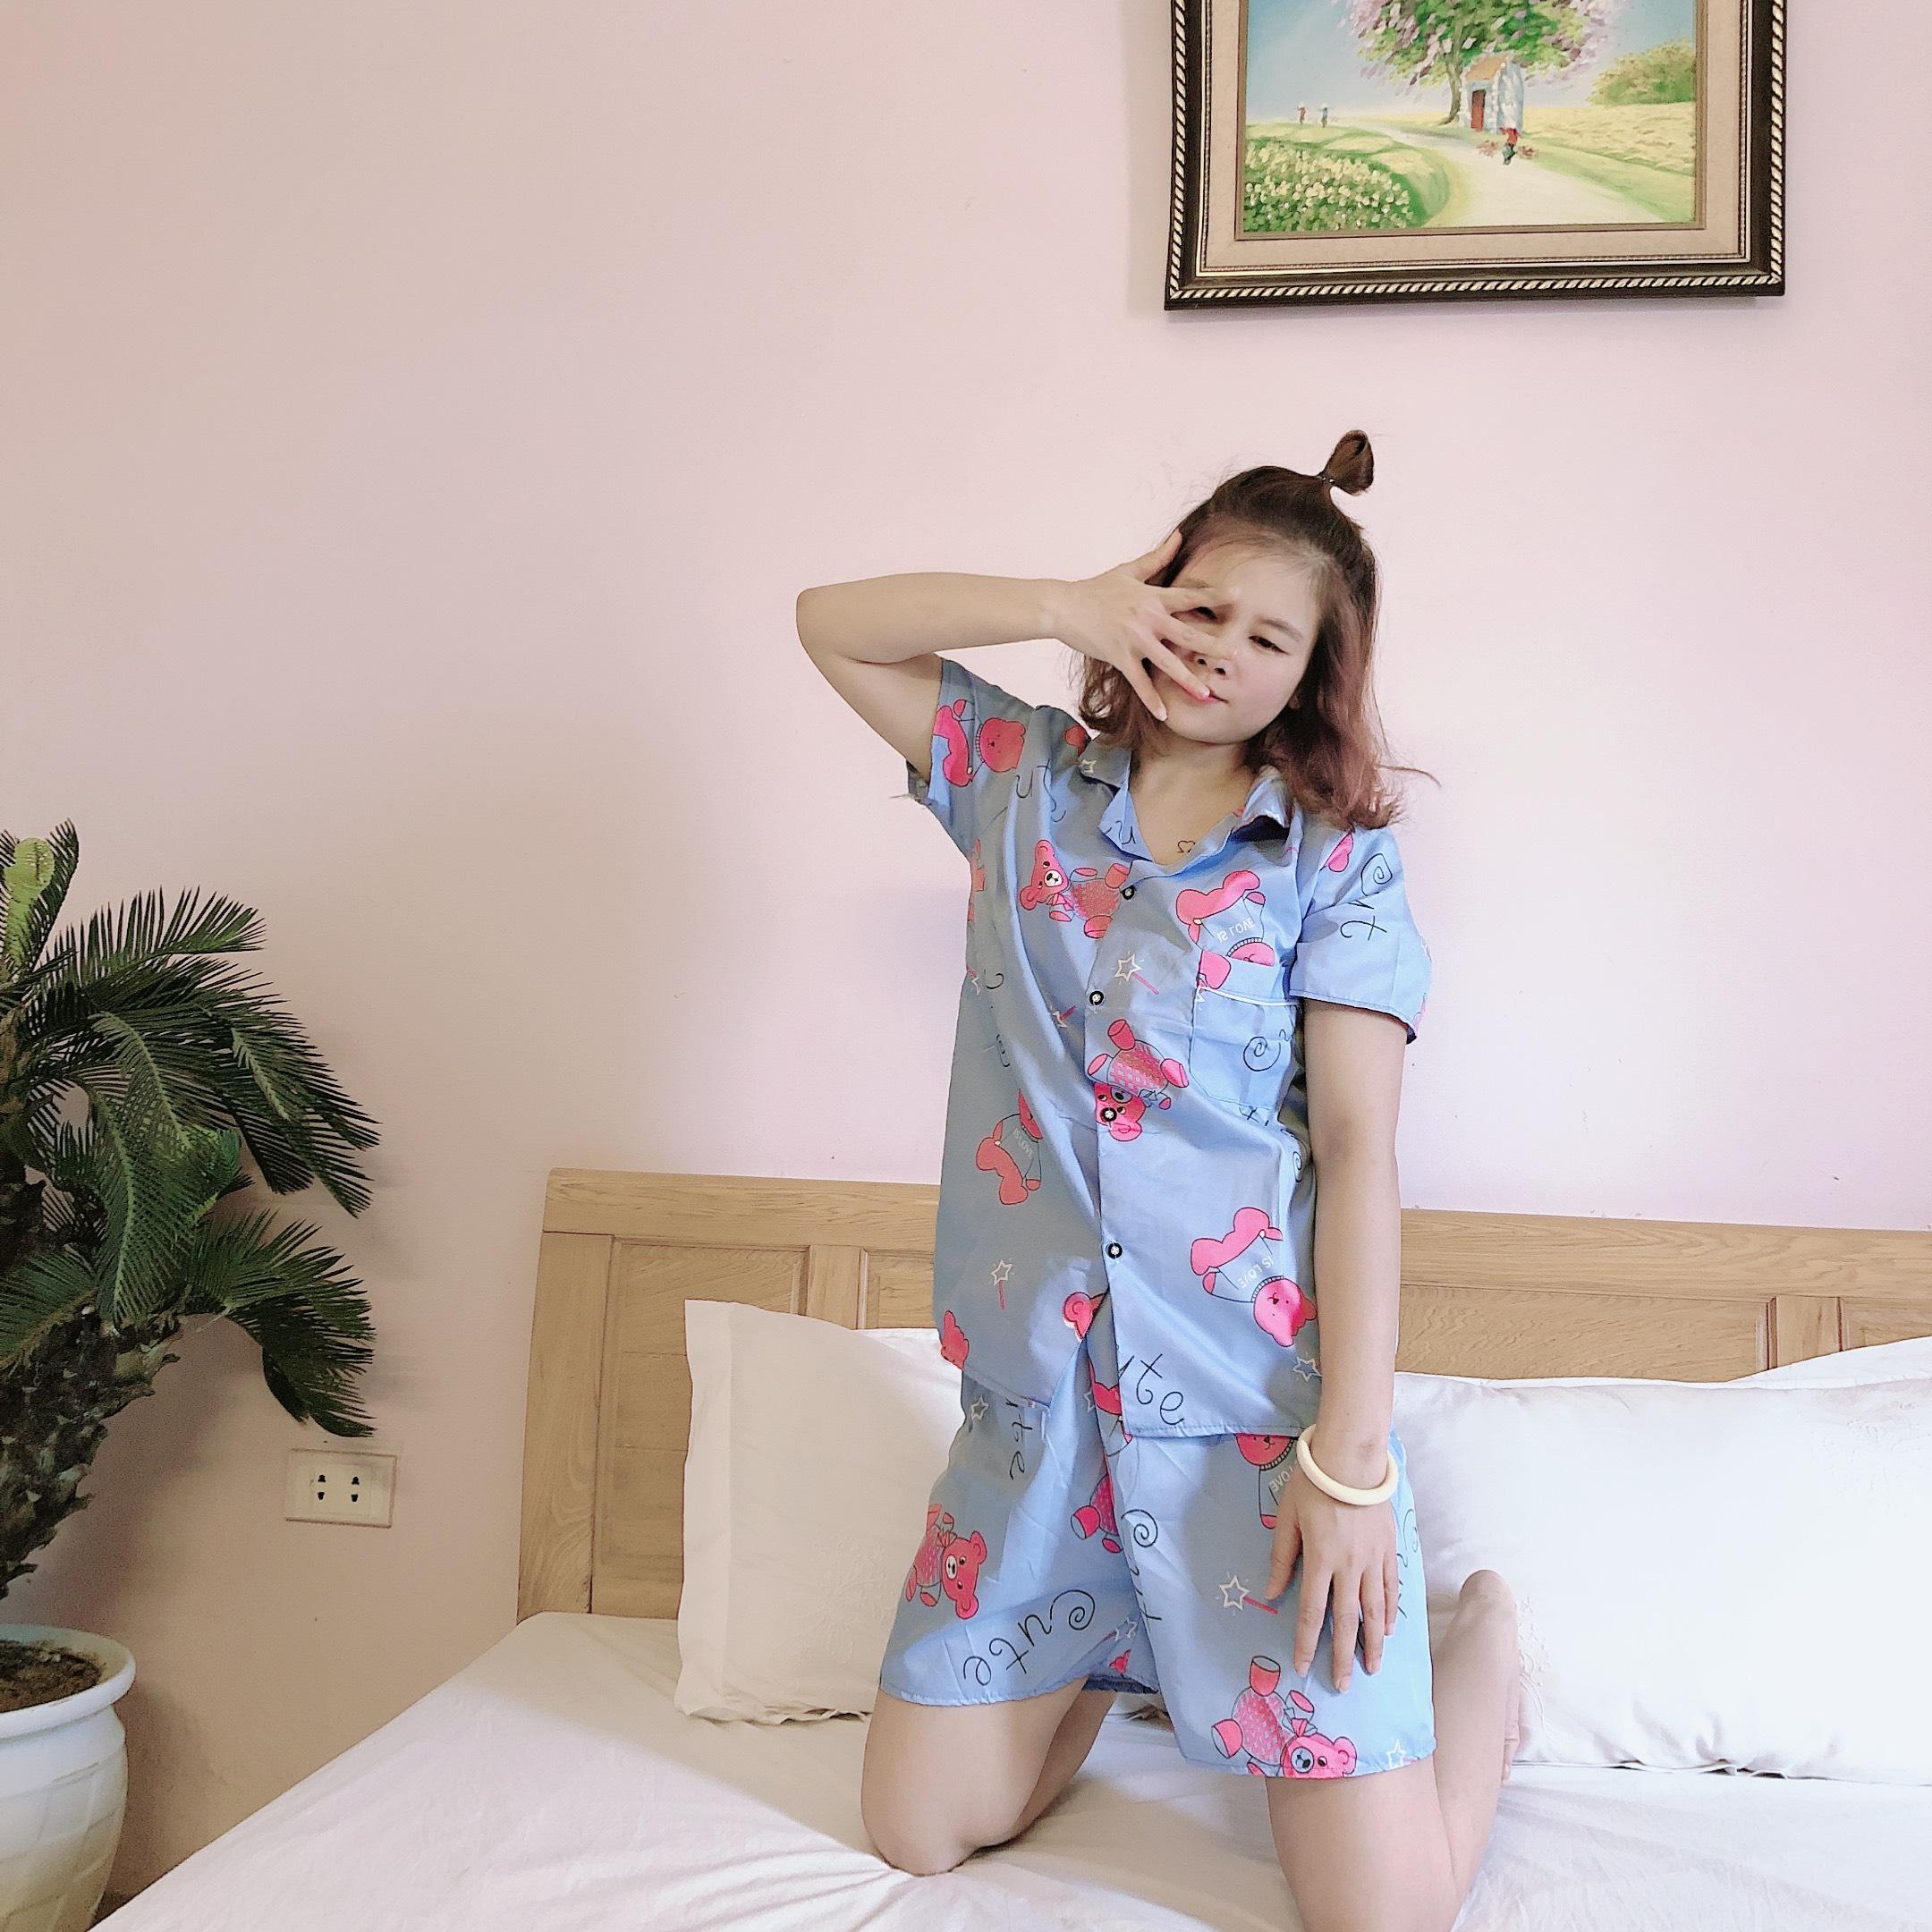 Bộ Quần Áo Mặc Ở Nhà Pijama Màu Xanh Dương Nhạt Tay Ngắn Quần Đùi Có Túi Ngực Kate Thái...